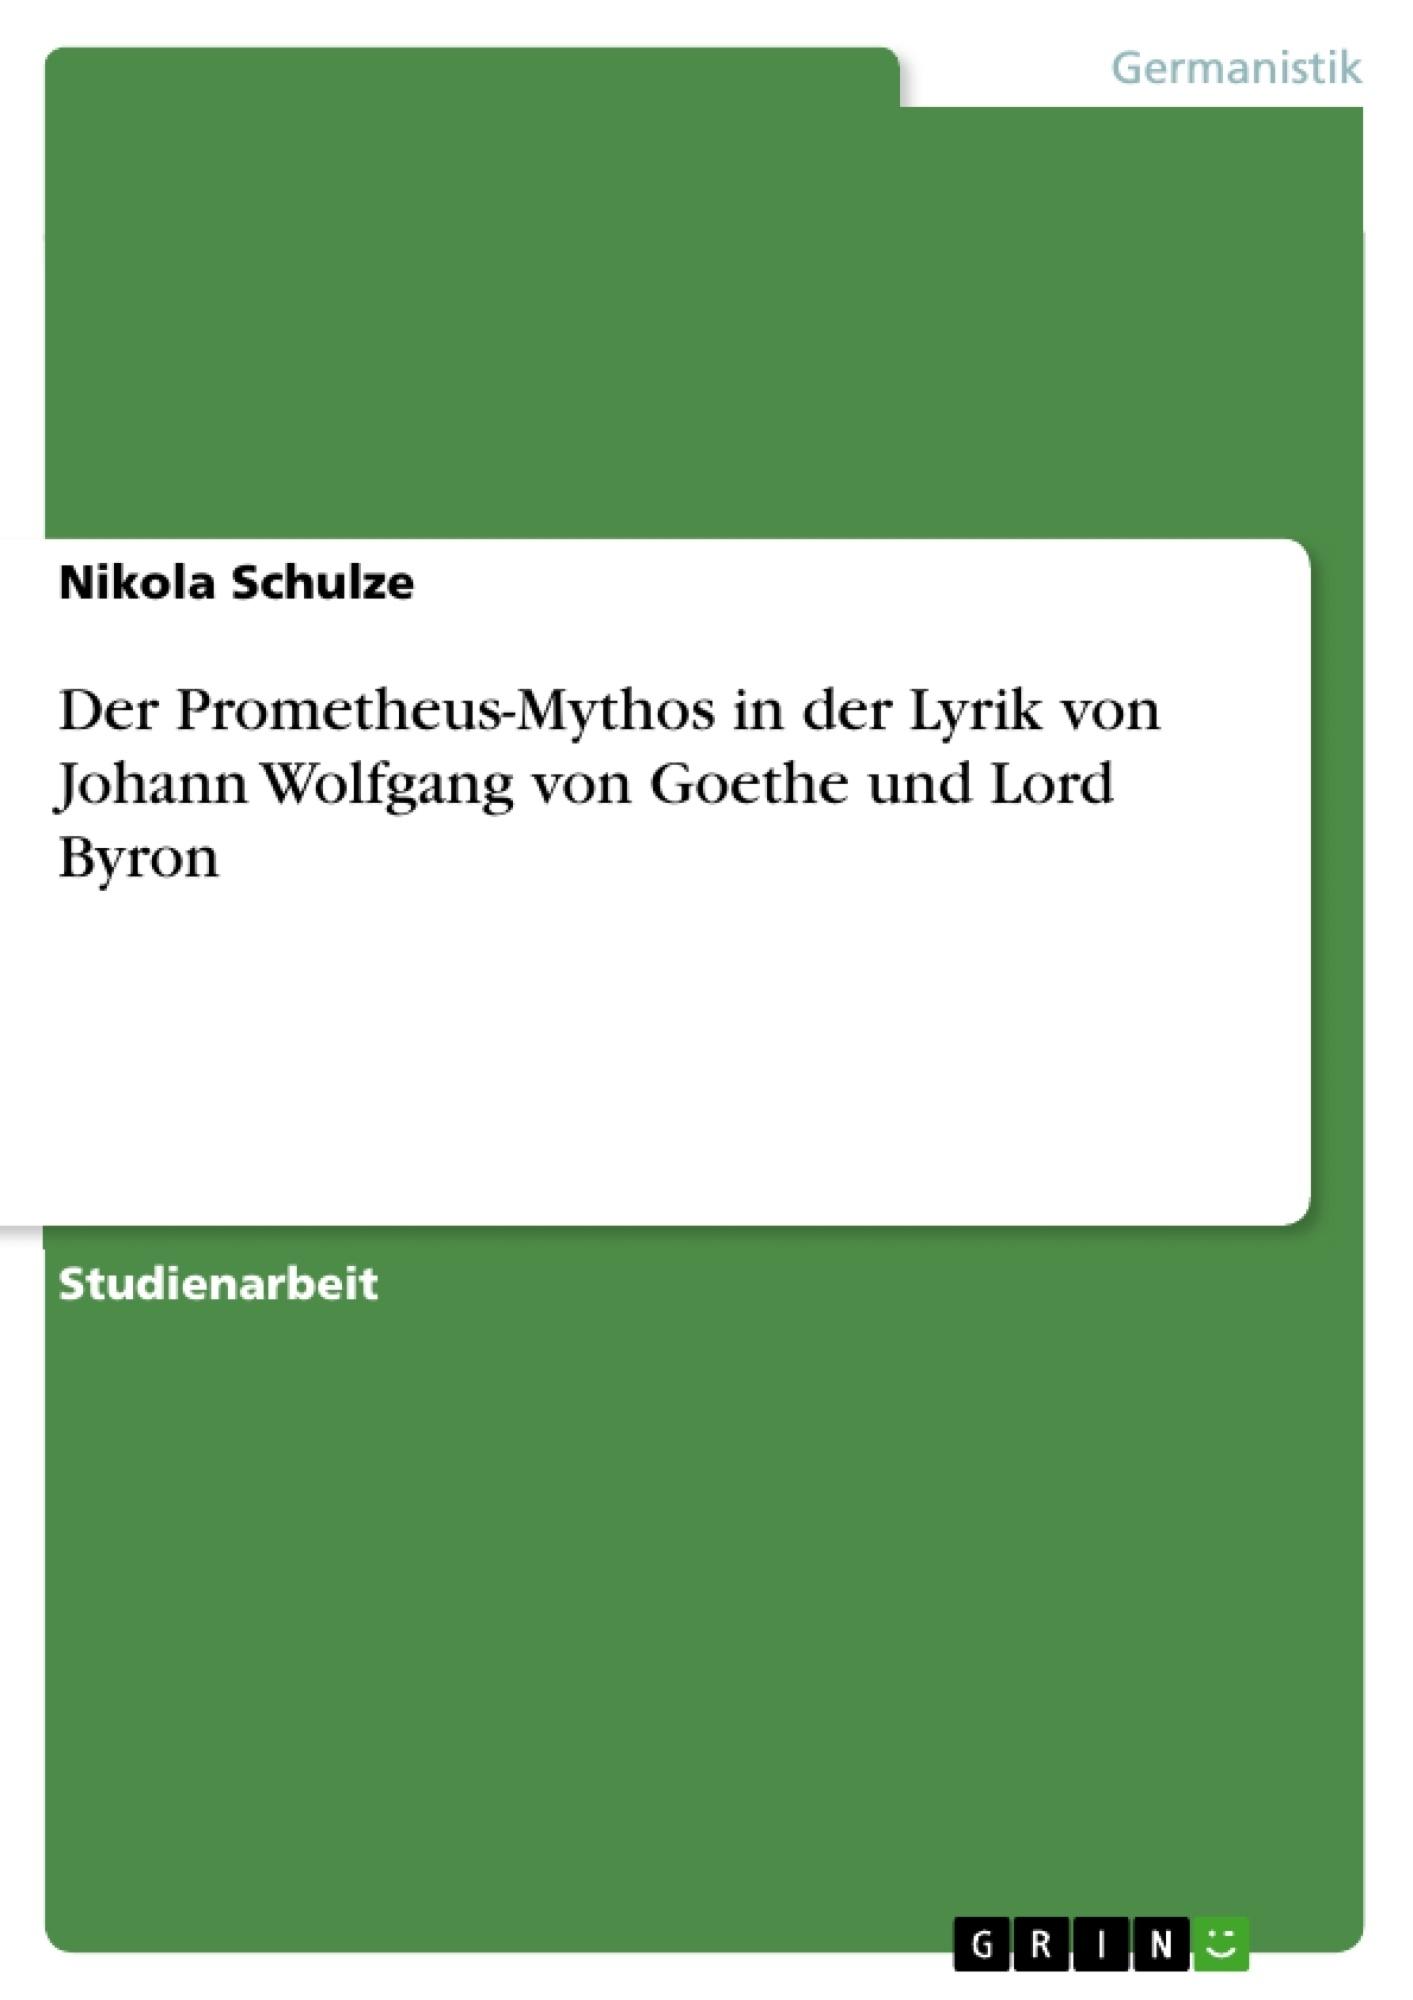 Titel: Der Prometheus-Mythos in der Lyrik von Johann Wolfgang von Goethe und Lord Byron